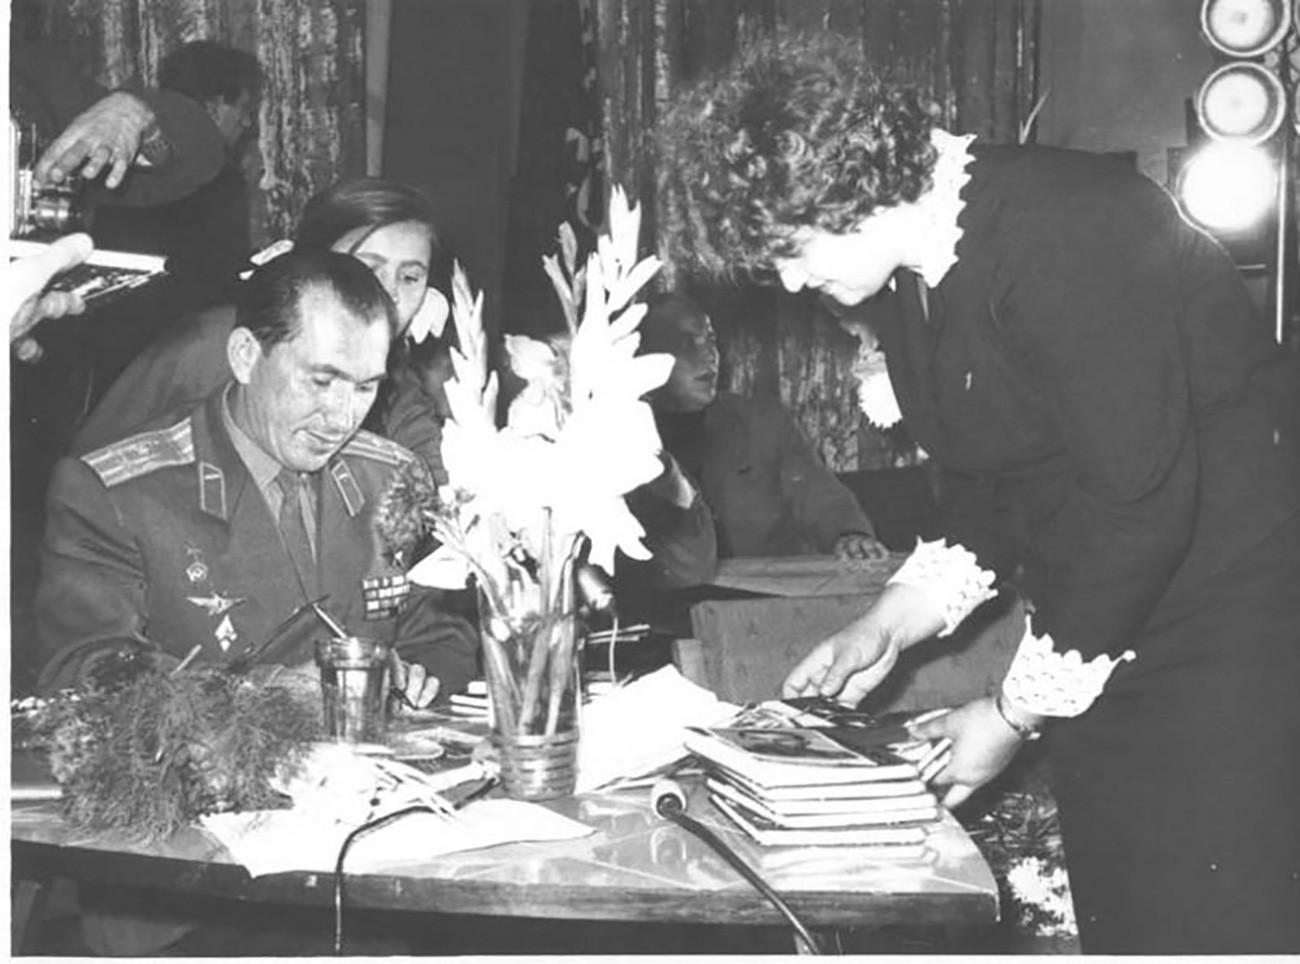 Cosmonauta Pável Beliáev dando autógrafos a jovens. Beliáev foi o primeiro comandante do corpo de cosmonautas e o responsável pela missão Voskhod 2, quando Leonov realizou a primeira caminhada humana no espaço, em 1965.